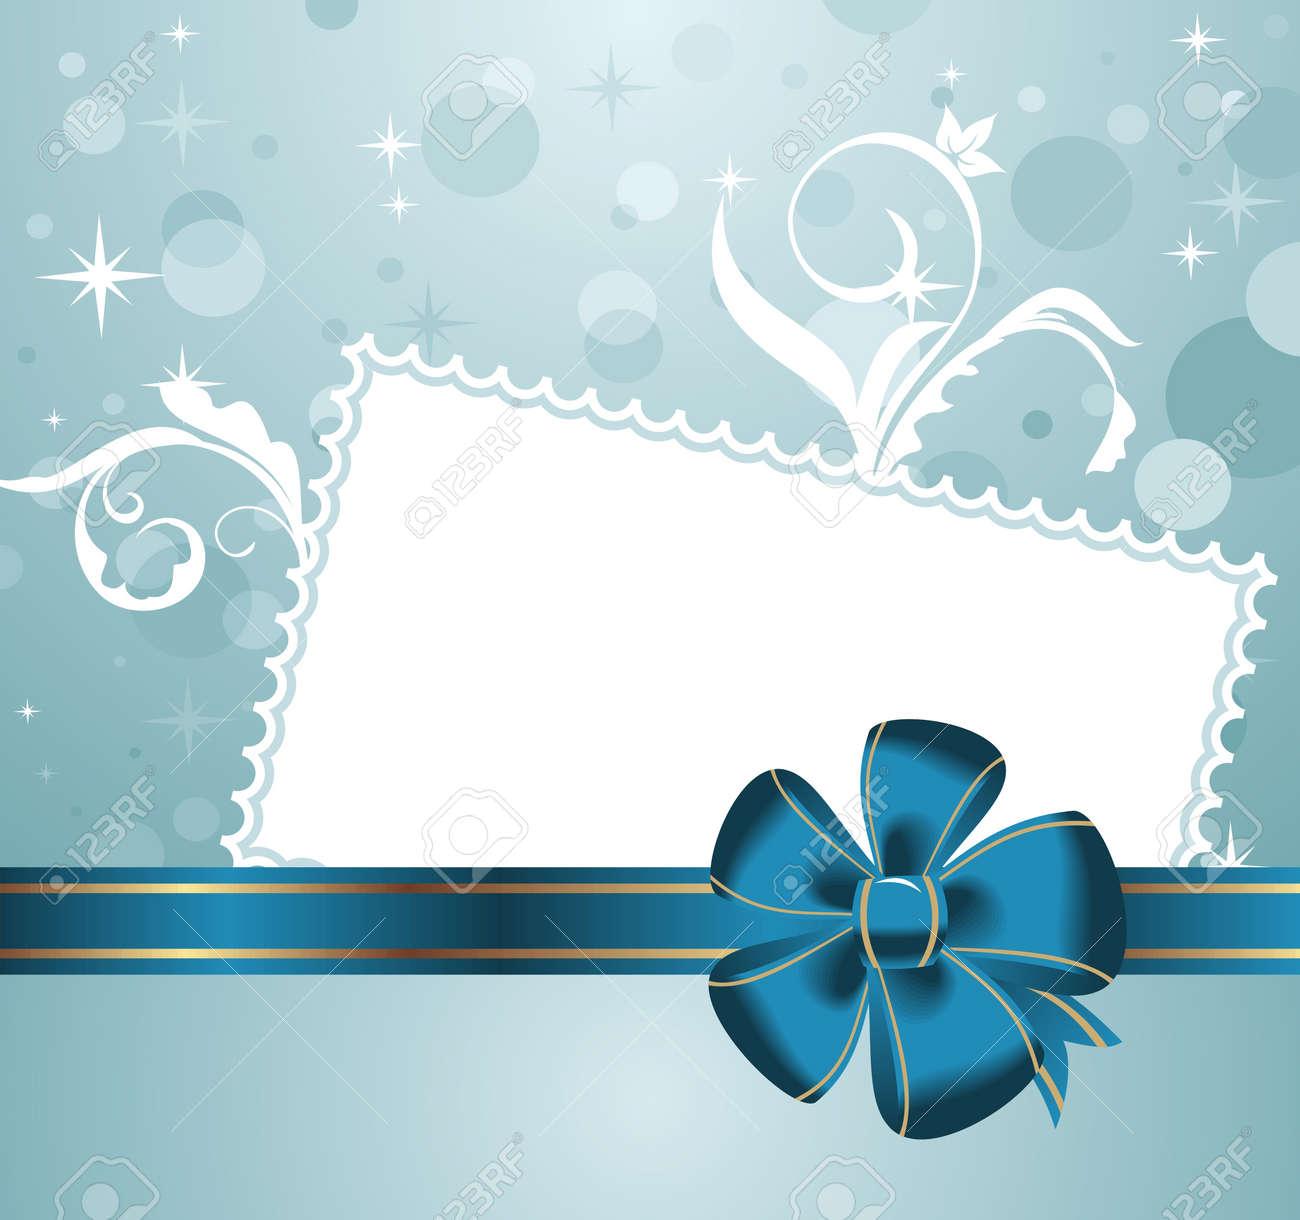 arrière-plan de noël jolie illustration avec carte de voeux